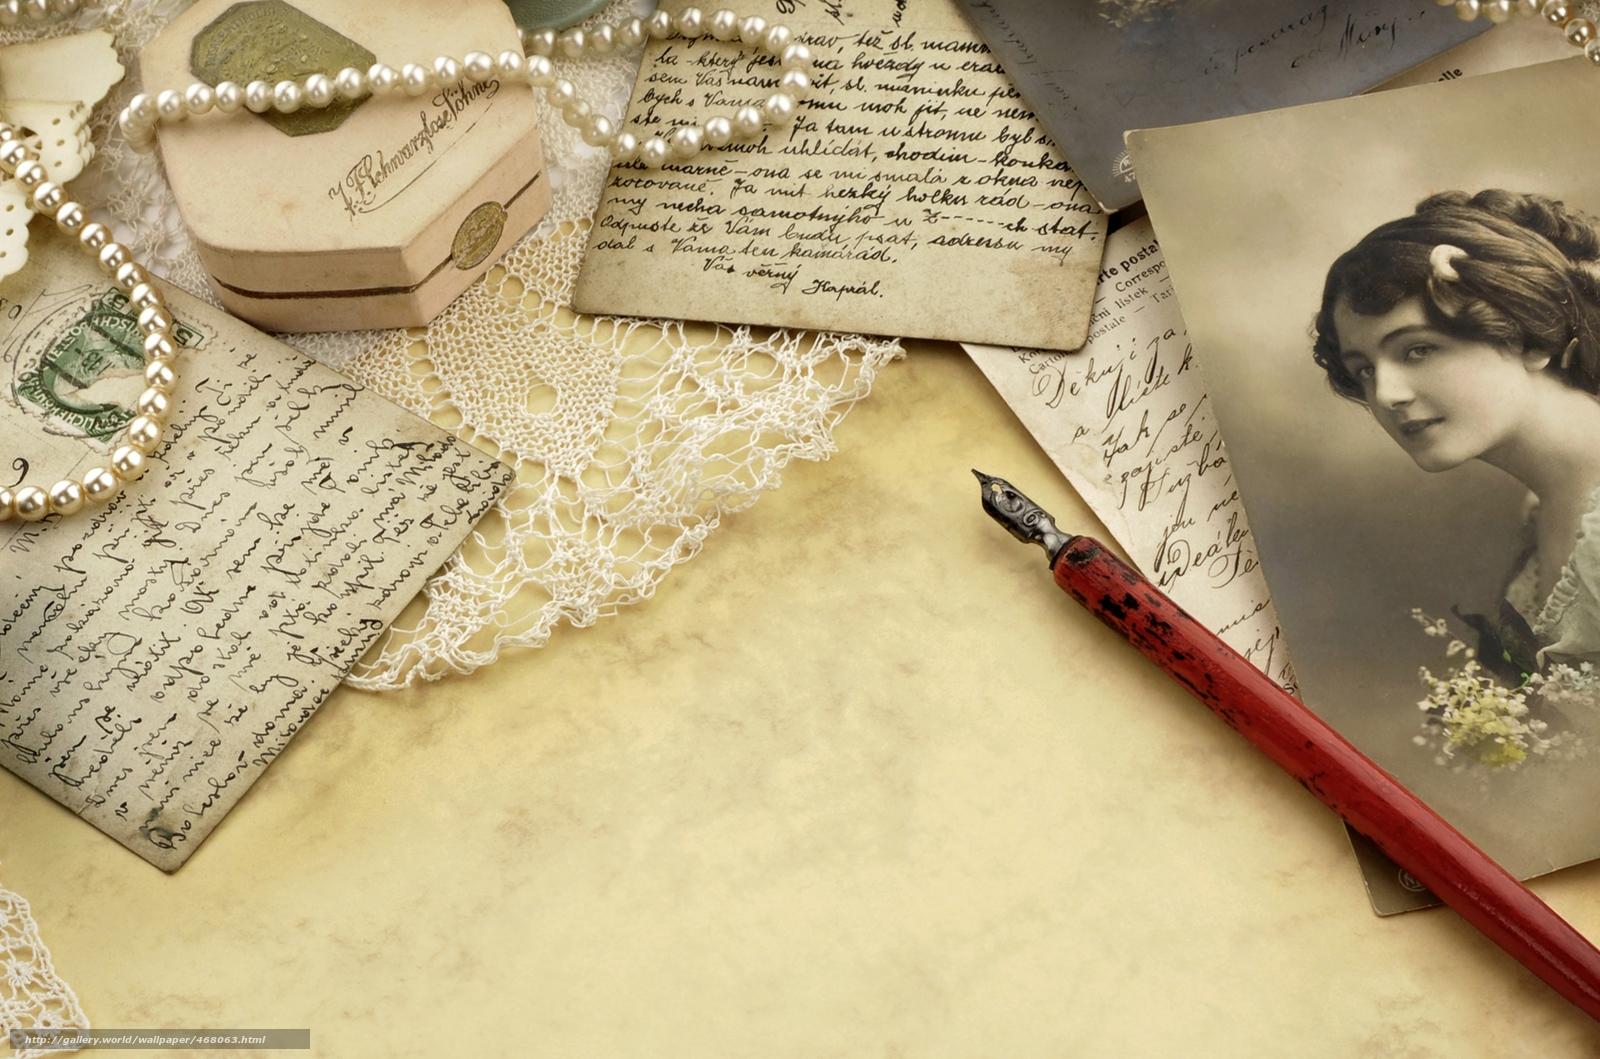 letras, cartes, retro, papel, Vintage, prola, velho, Fotos, menina, Mercadoria, tinta, manipular, pena, Contas, Renda